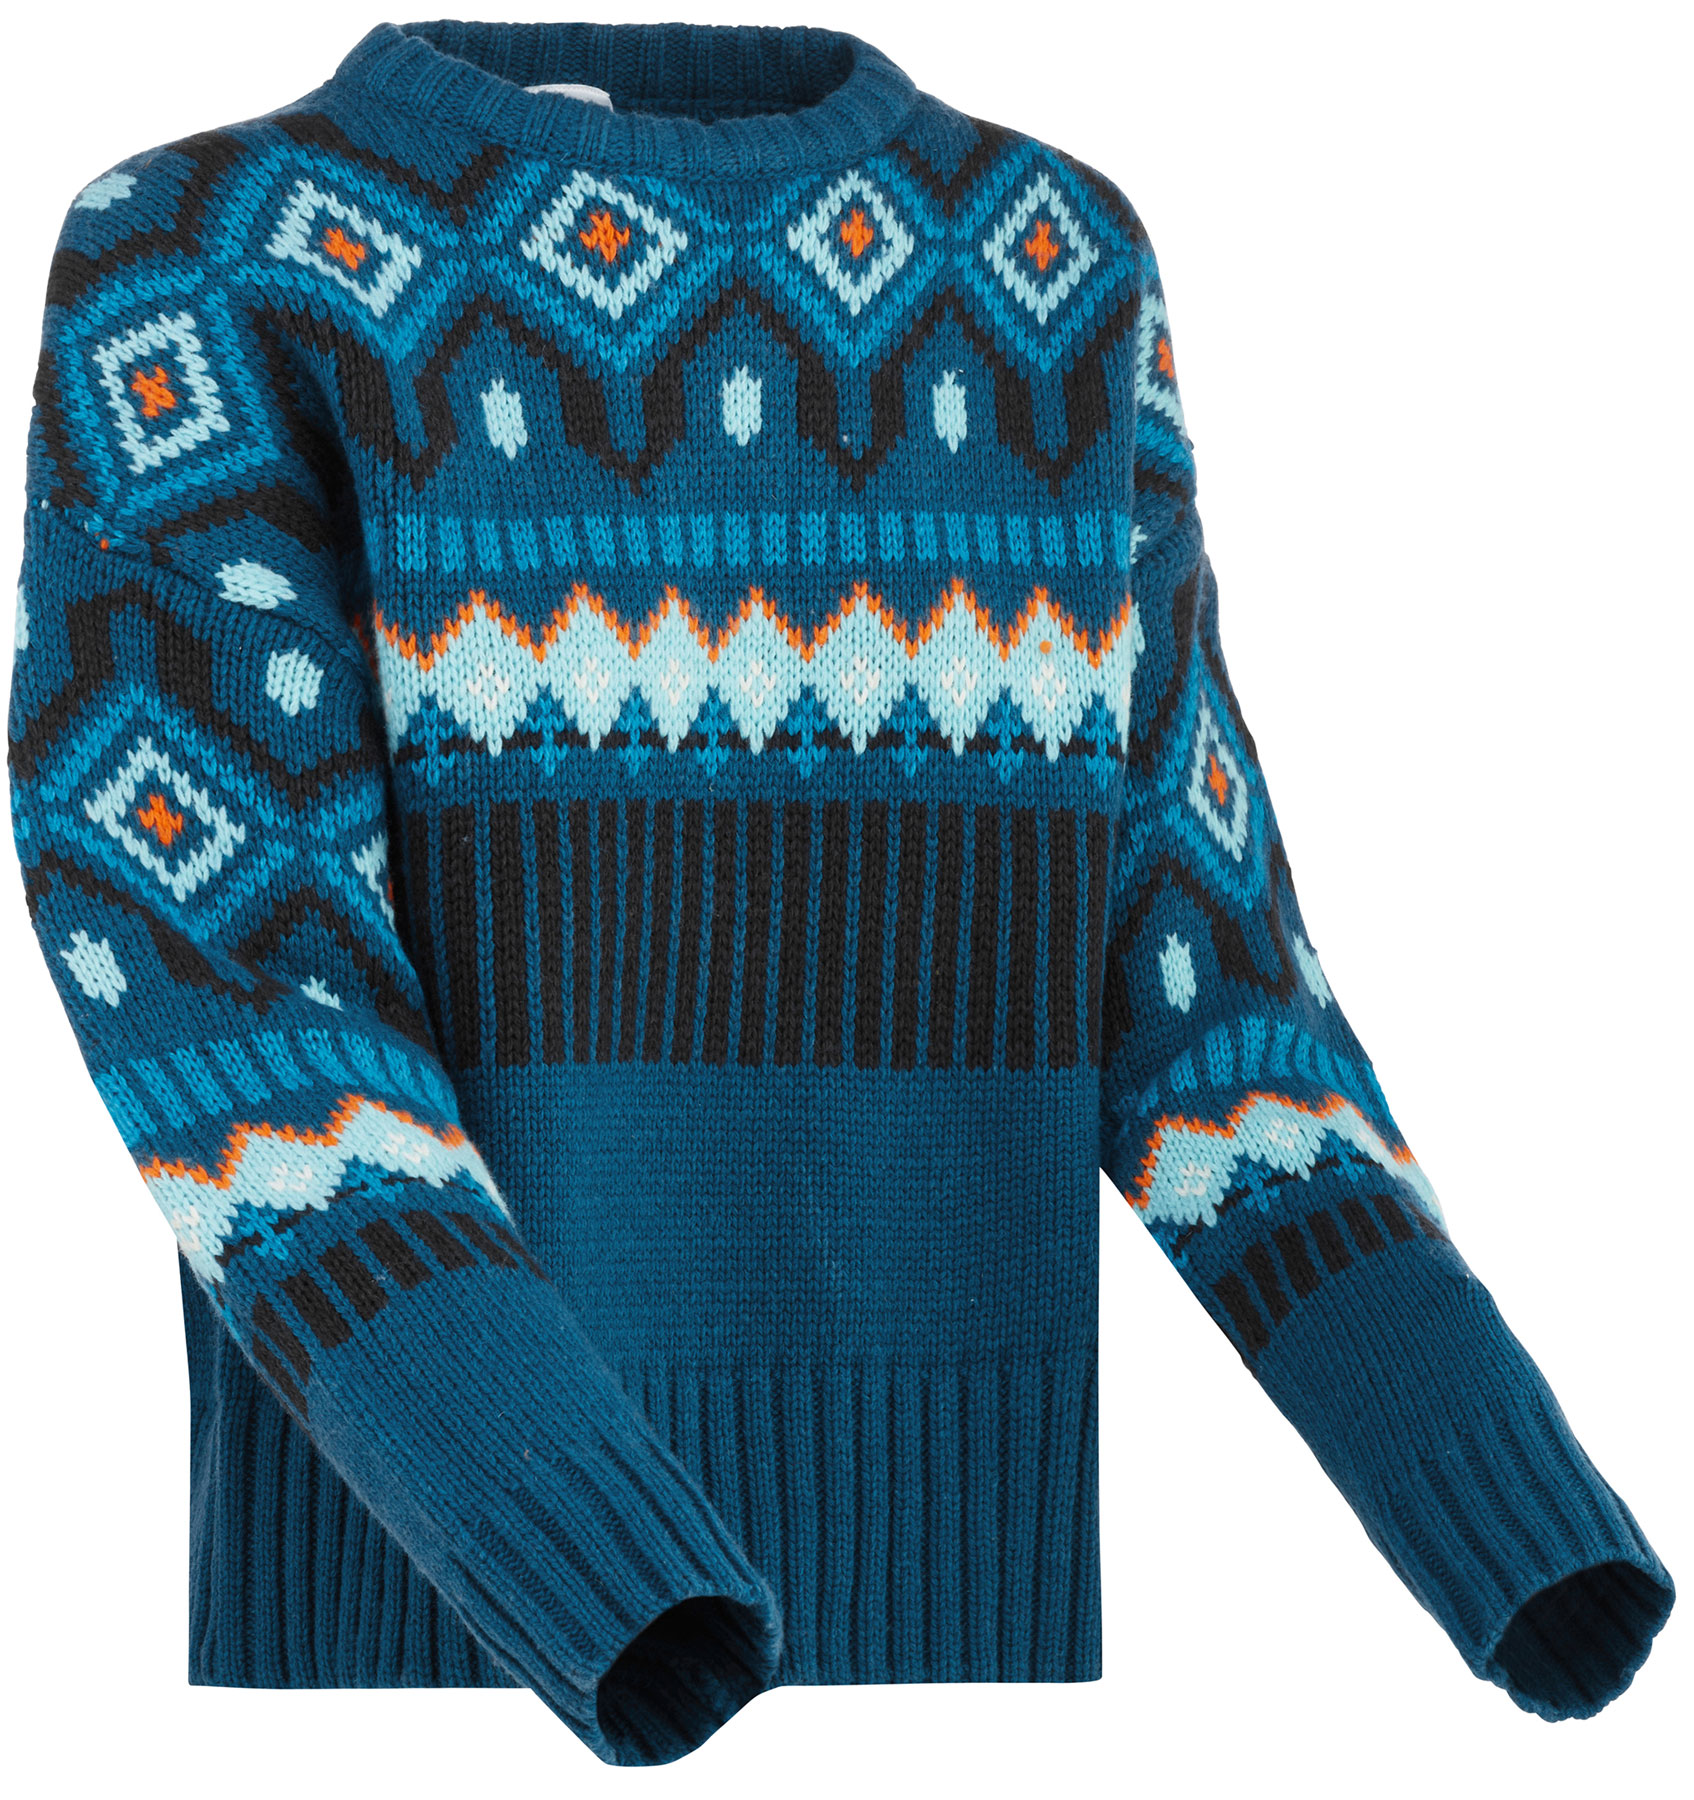 Kari Traa Mølster Knit Women's Pullover - ocean